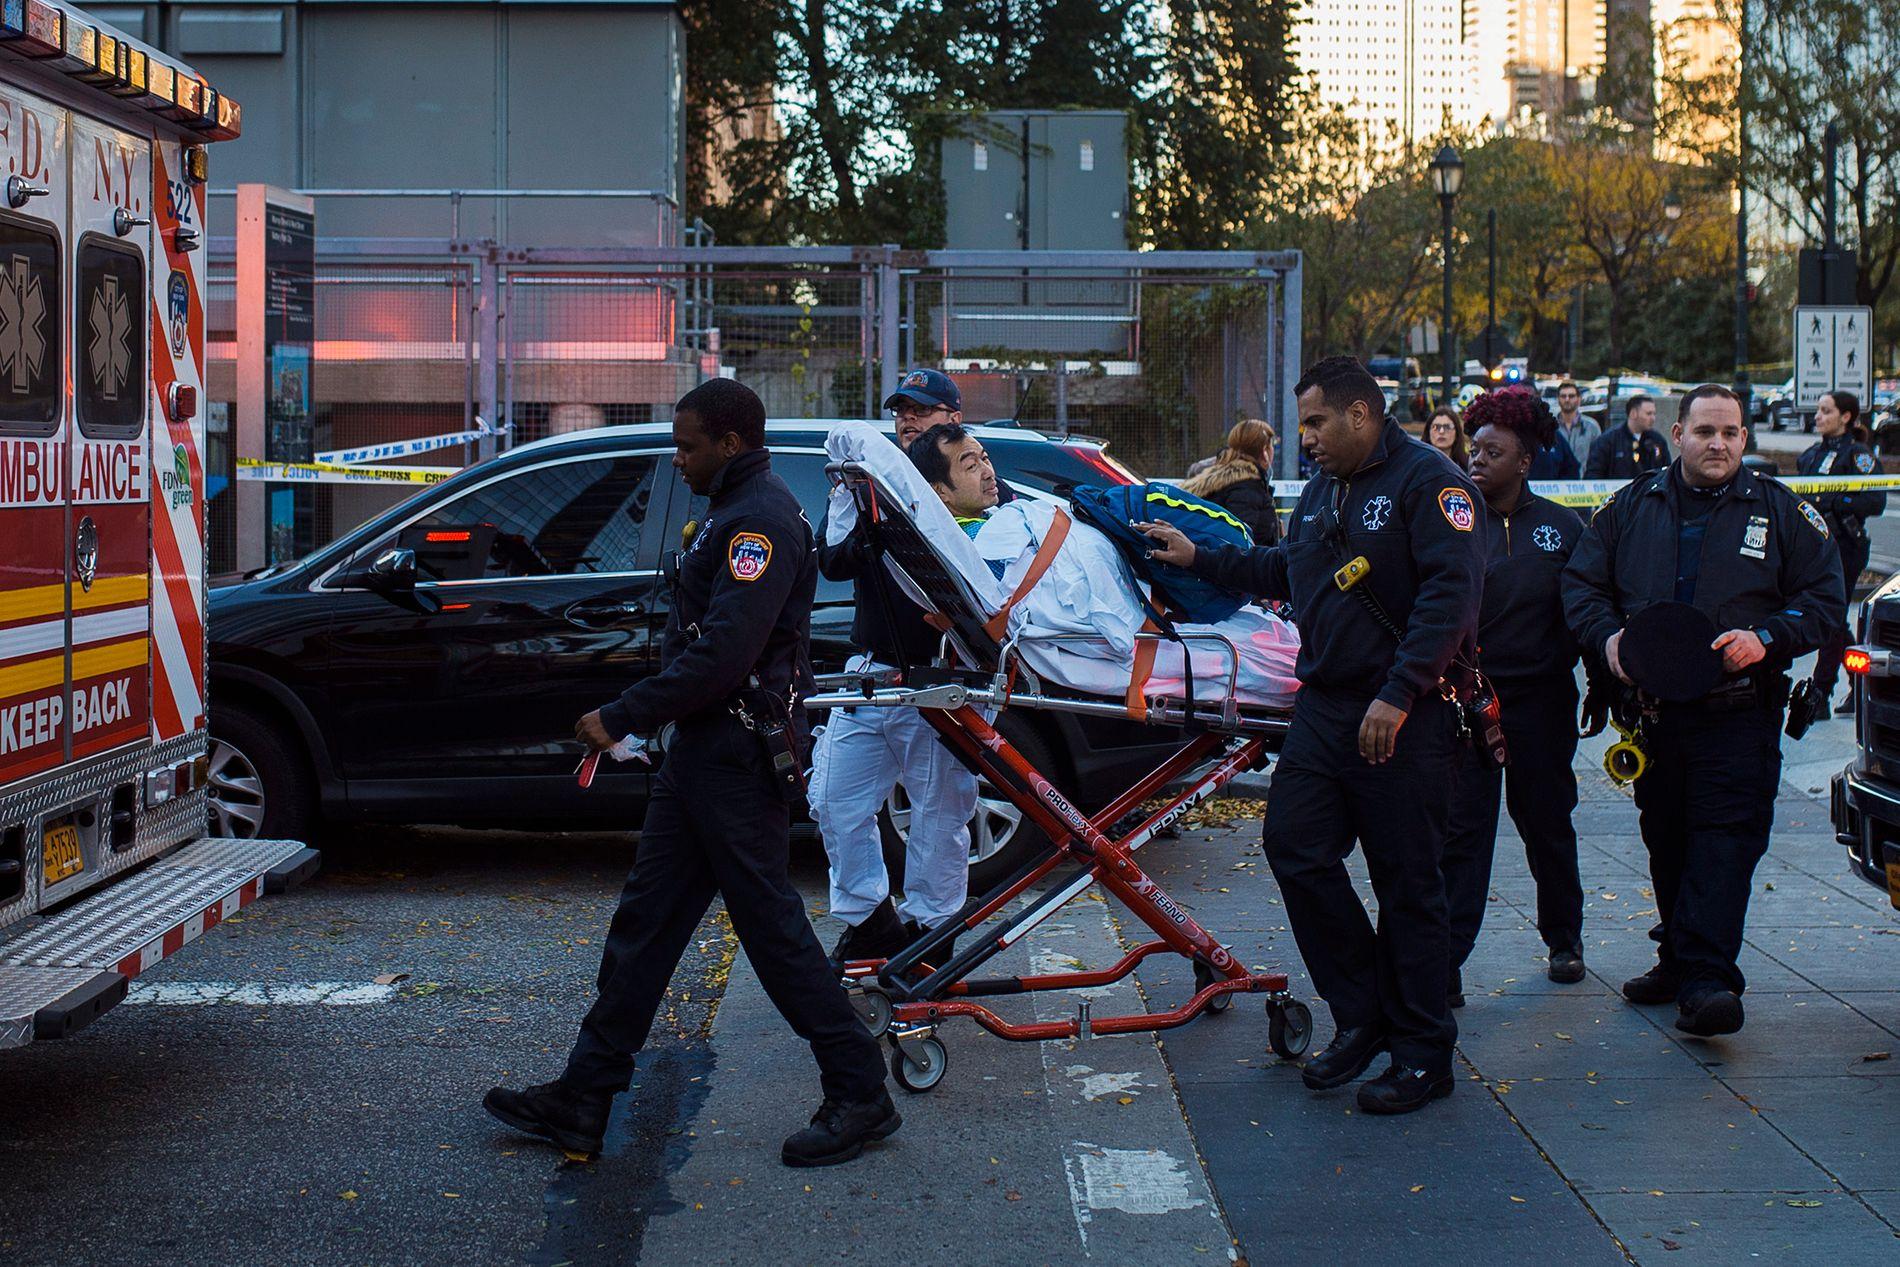 MANGE TERROROFRE: En mann blir hjulpet inn i en ambulanse etter angrepet på Manhattan tirsdag.